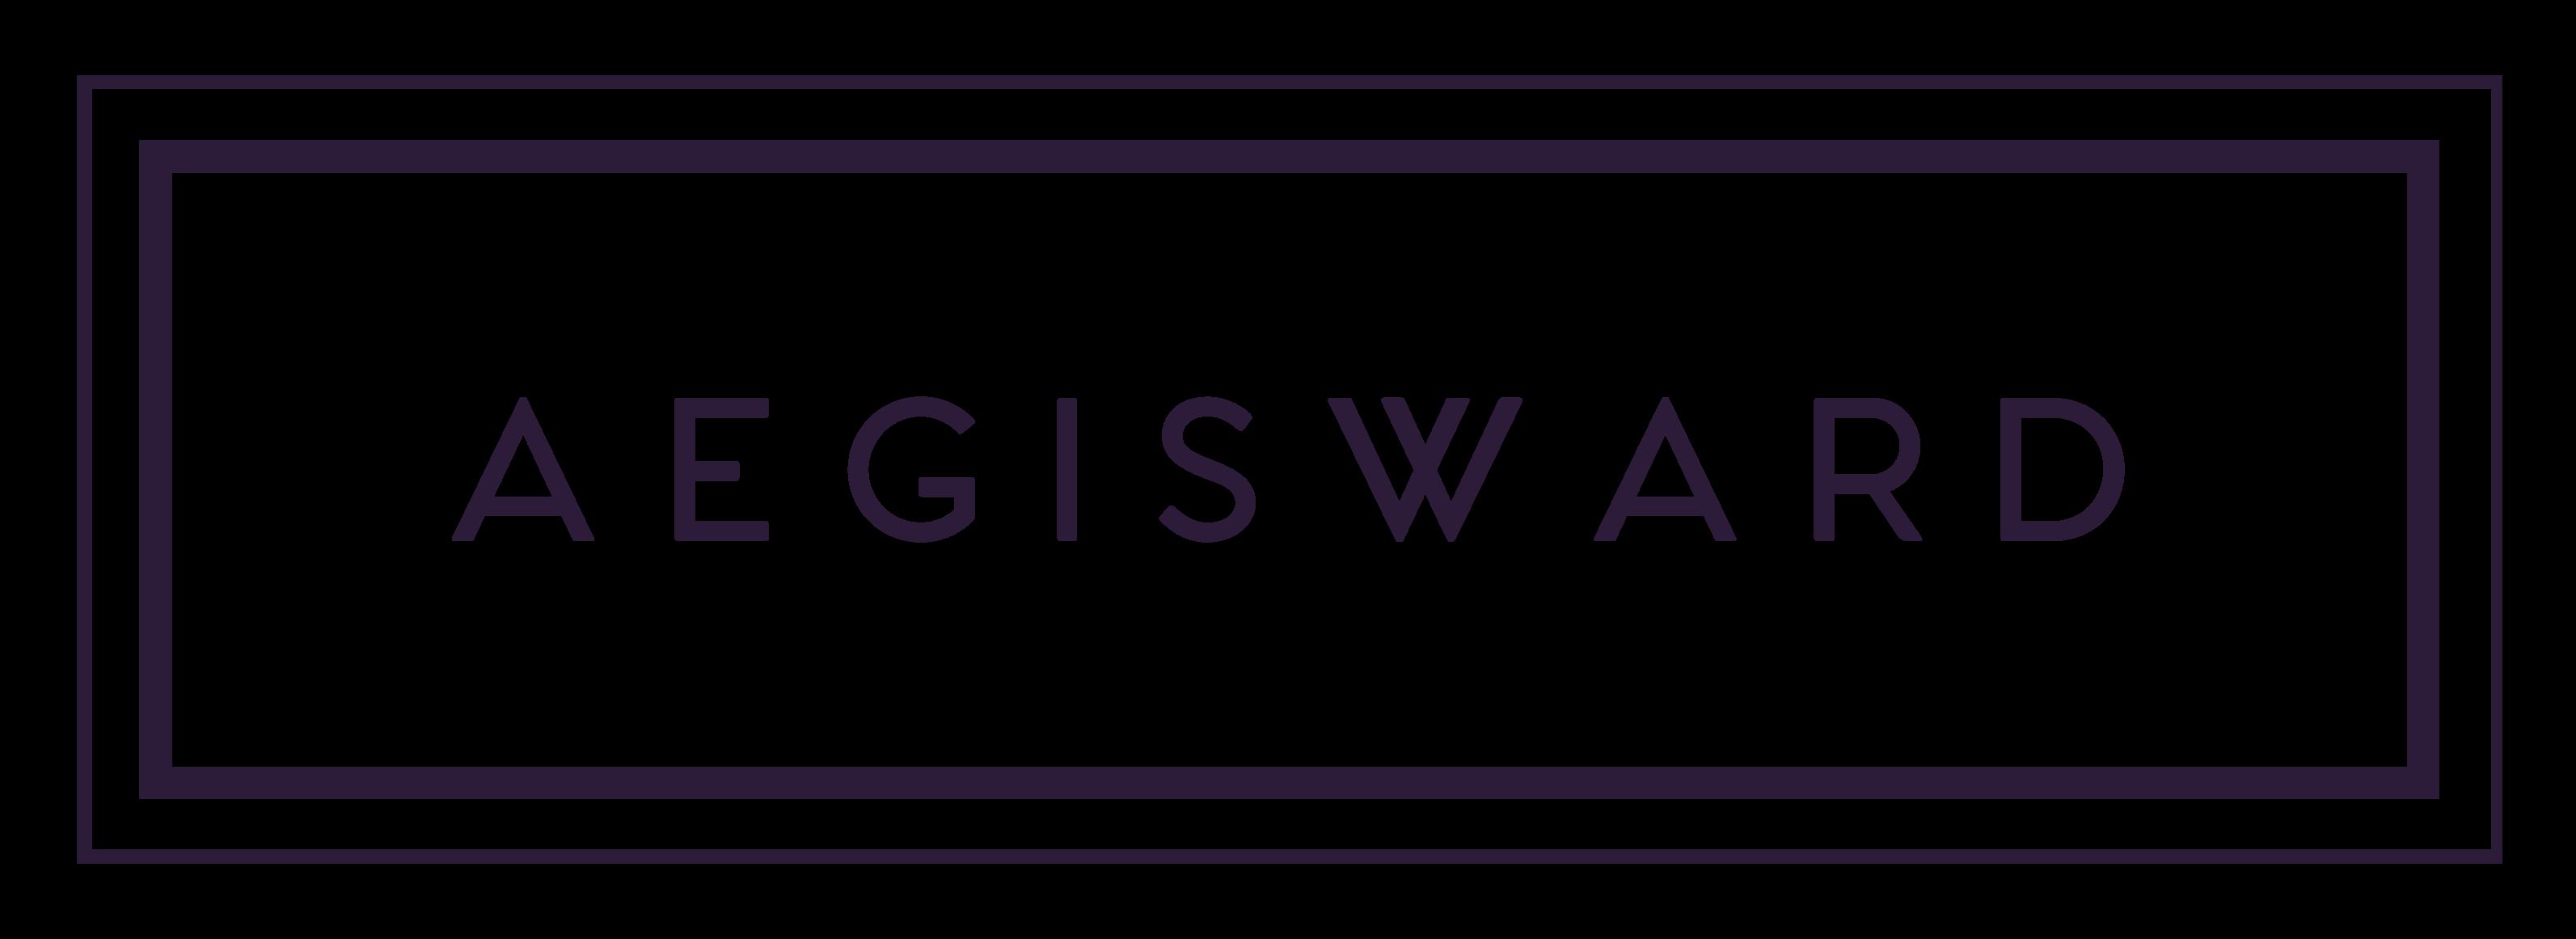 AegisWard® North America